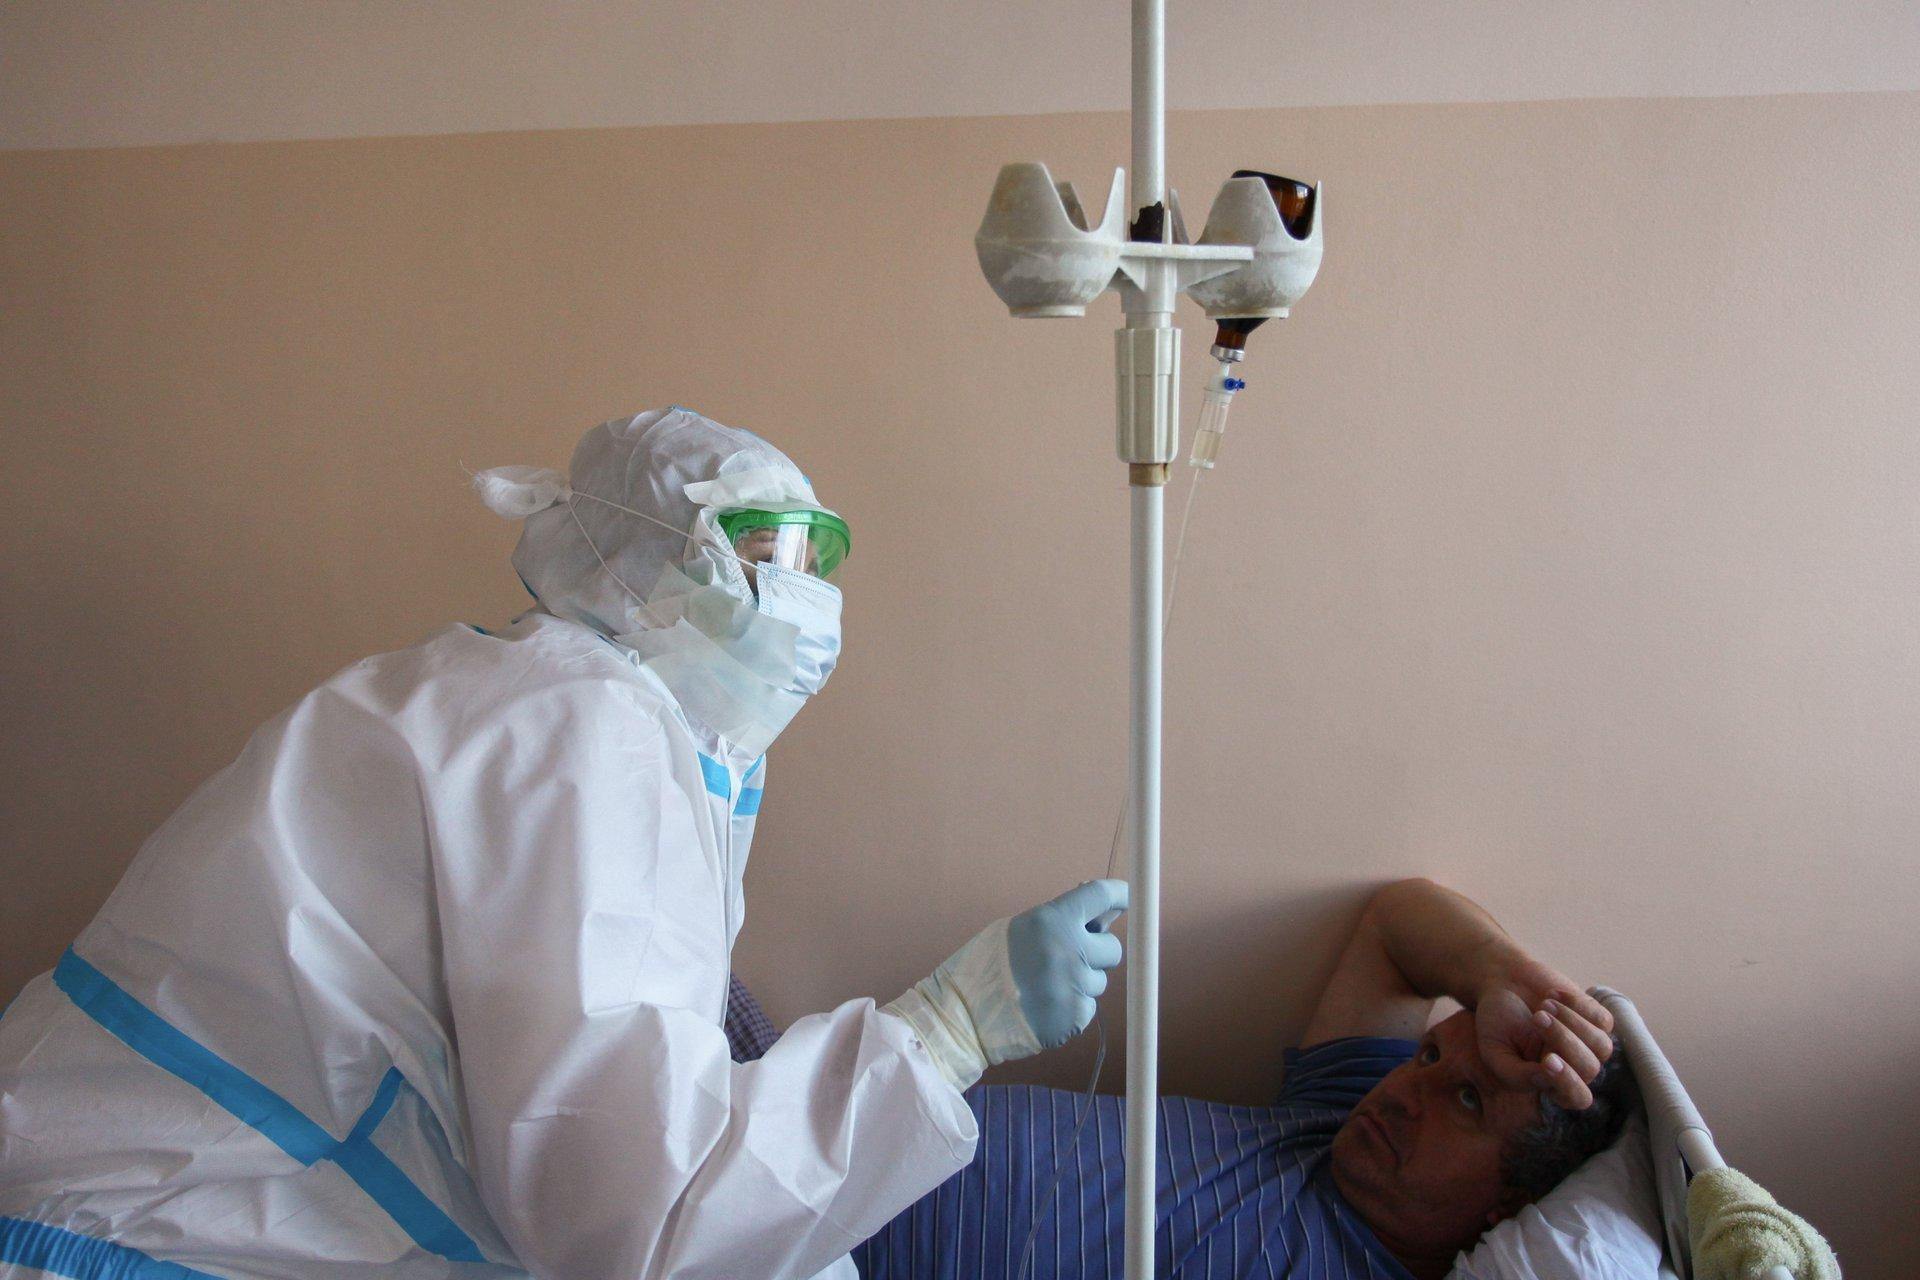 «А я, вообще-то, не верил, что этот вирус реально существует», - говорит один из пациентов